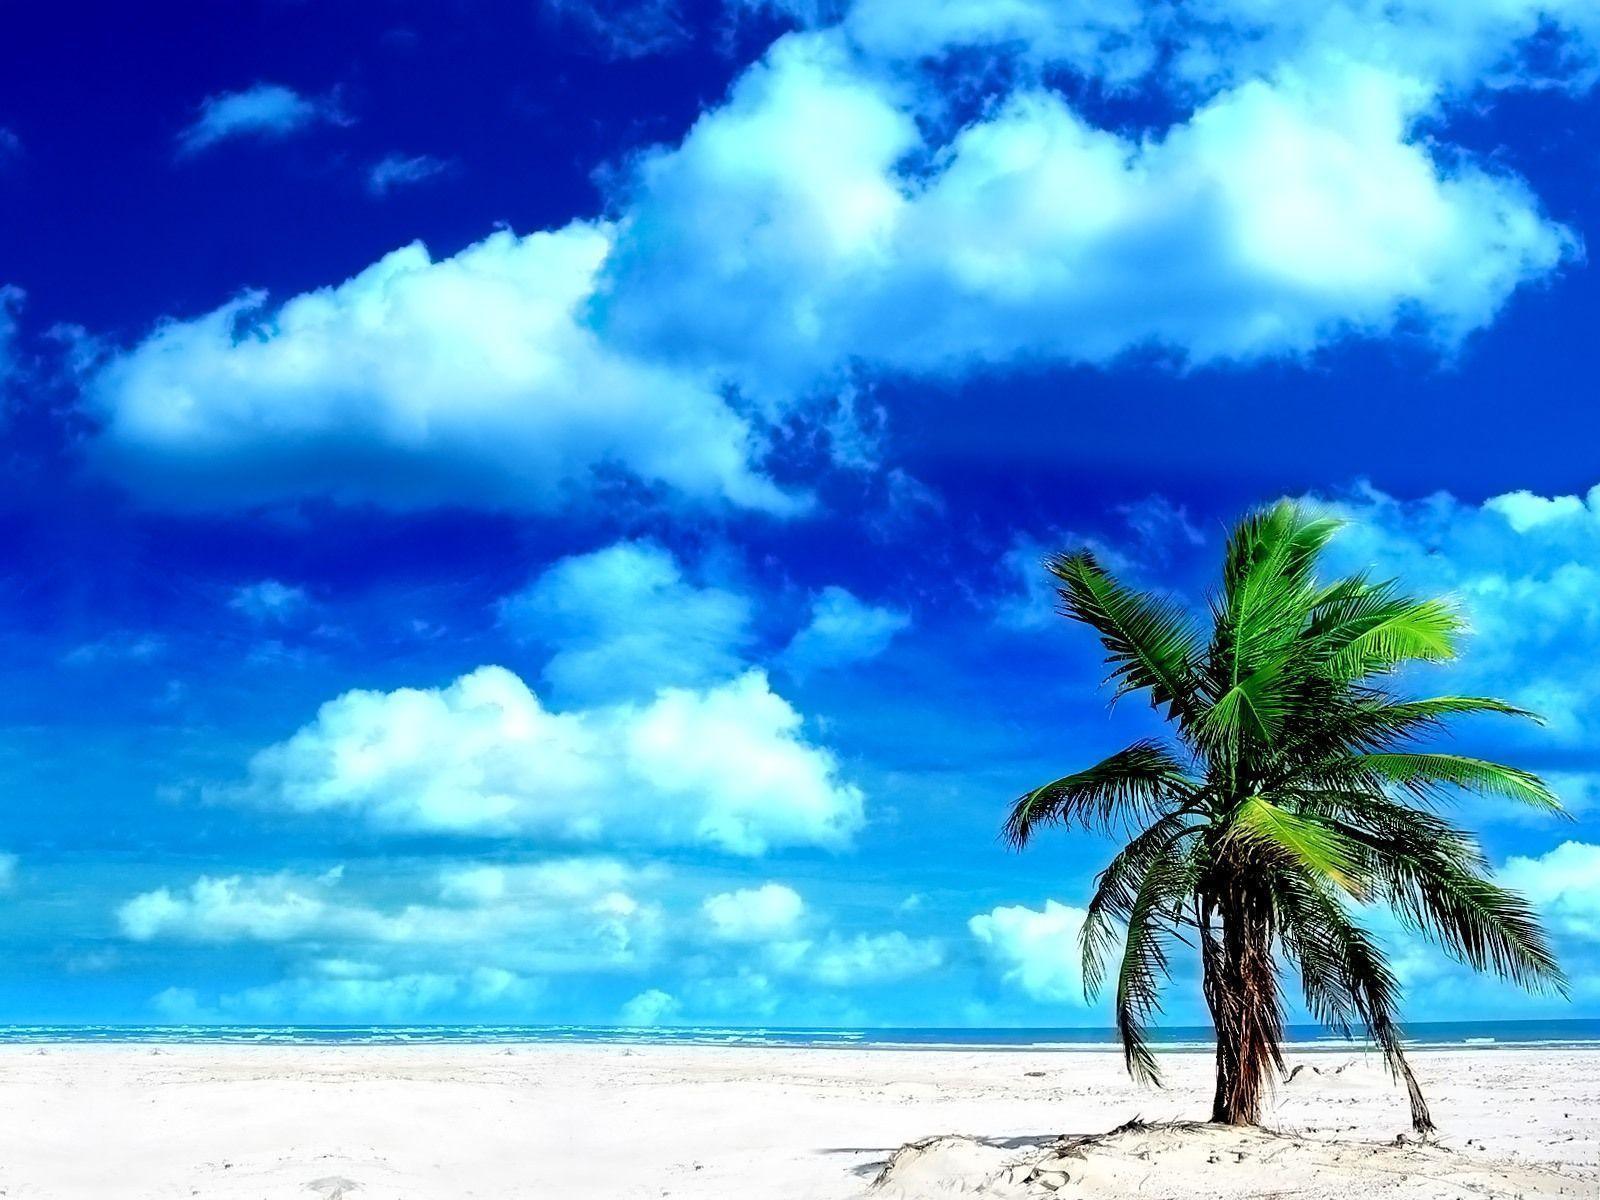 Sandy Beach Wallpaper: Jamaica Beach Wallpapers